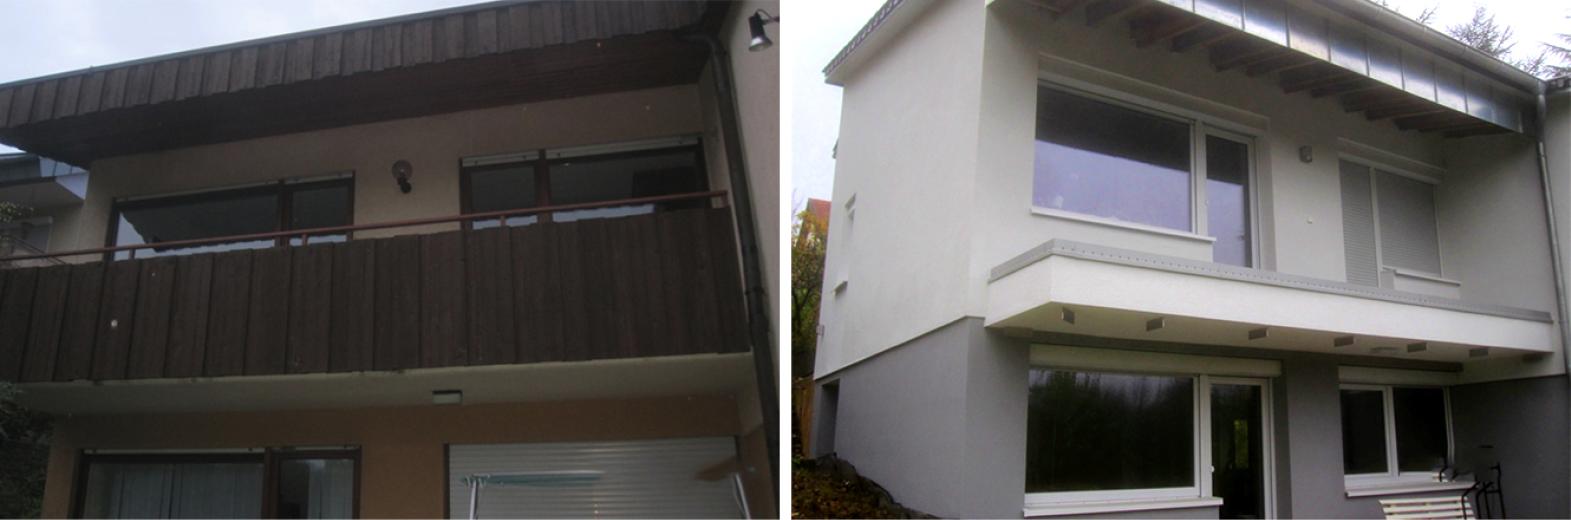 Fassaden-, Fenster- und Balkonsanierung mit neuem Dach